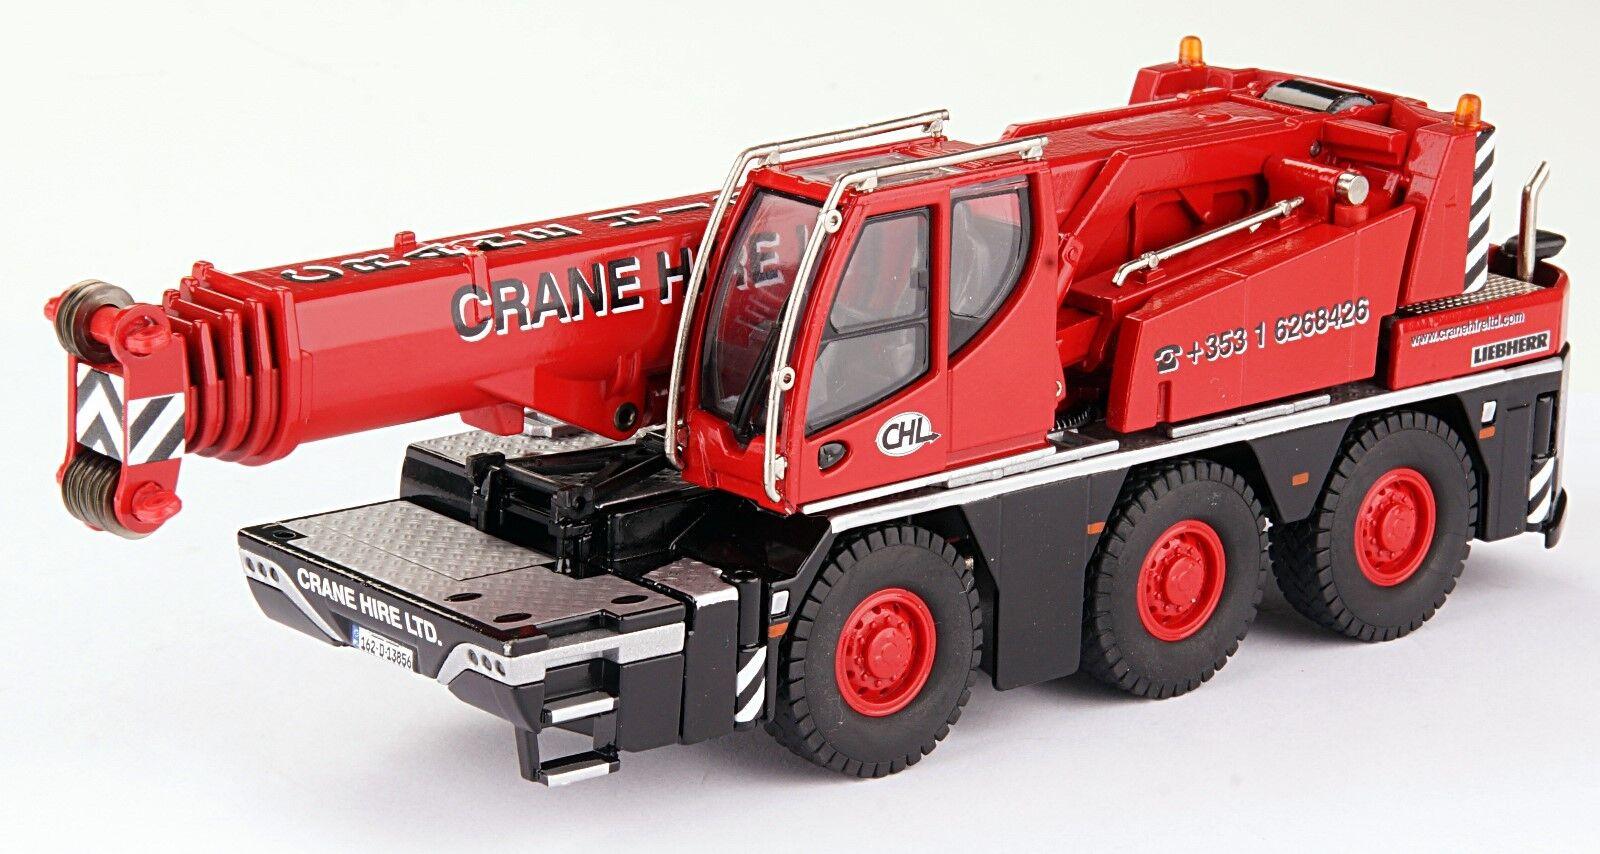 servizio di prima classe Conrad 2109 14 14 14 Crane Hire Ltd Liebherr LTC 1045-3.1 Limited 100 PZ. Nuovo Scatola Originale  il miglior servizio post-vendita